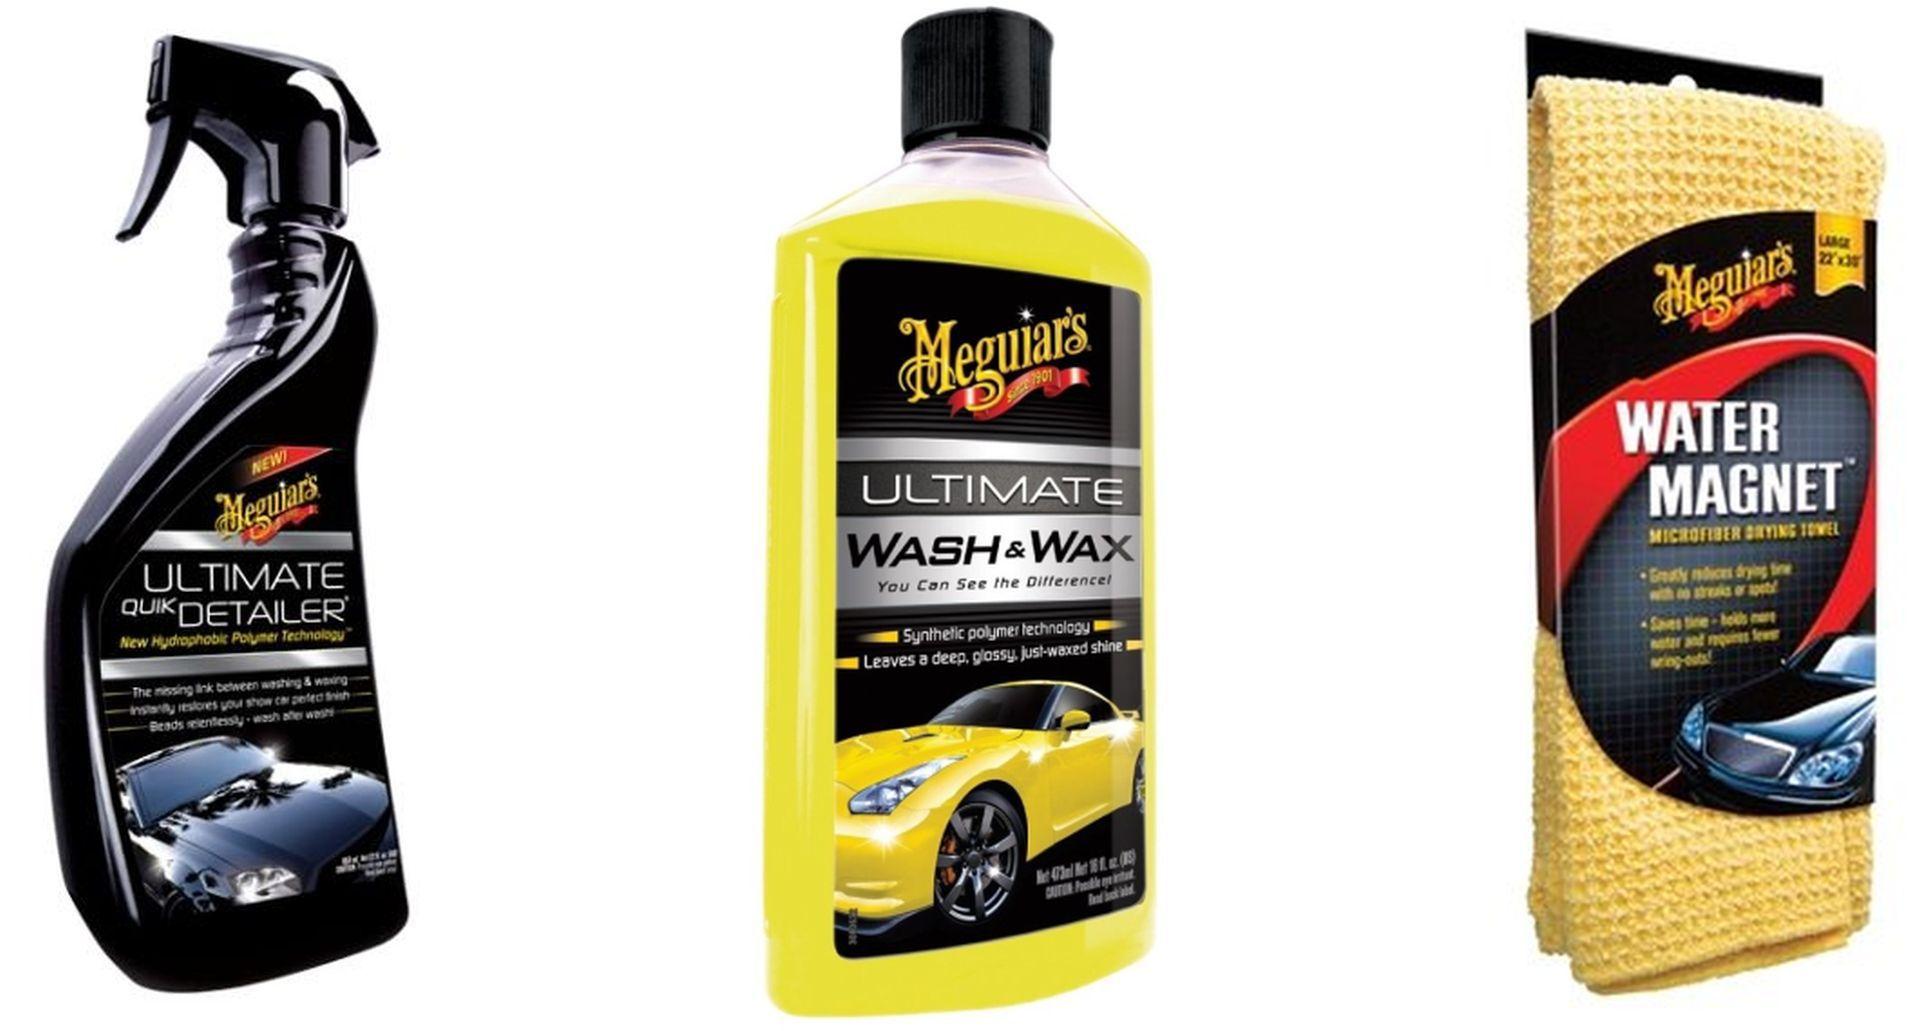 Kit Toalha Water Magnet+ Shampoo com Cera+ Abrilhantador Quik Detailer